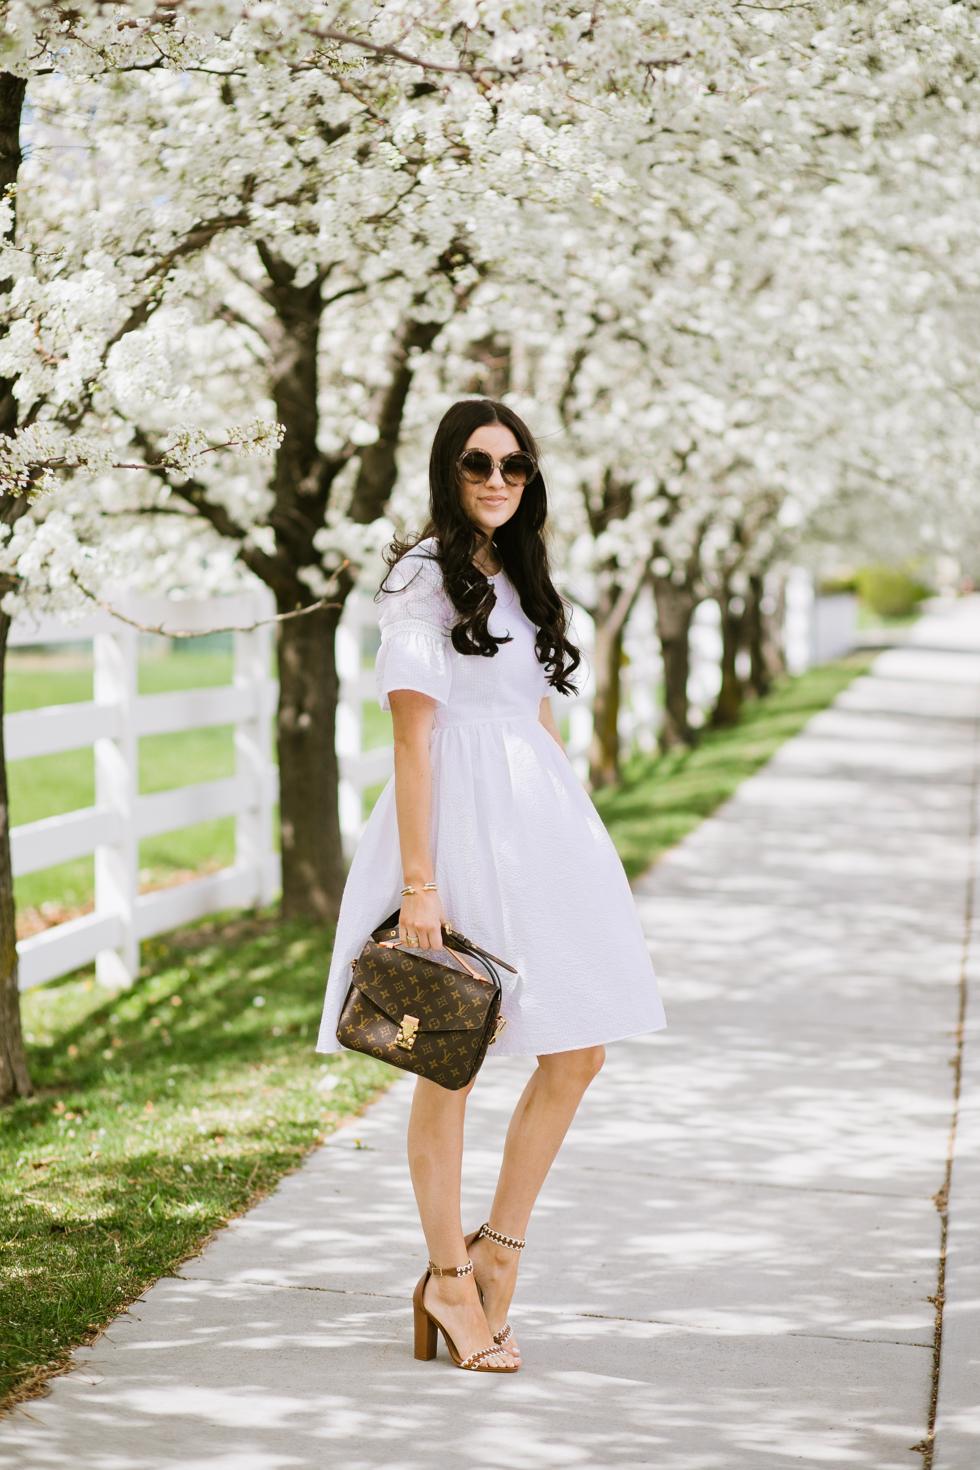 white-seer-sucker-dress-rachel-parcell - 7